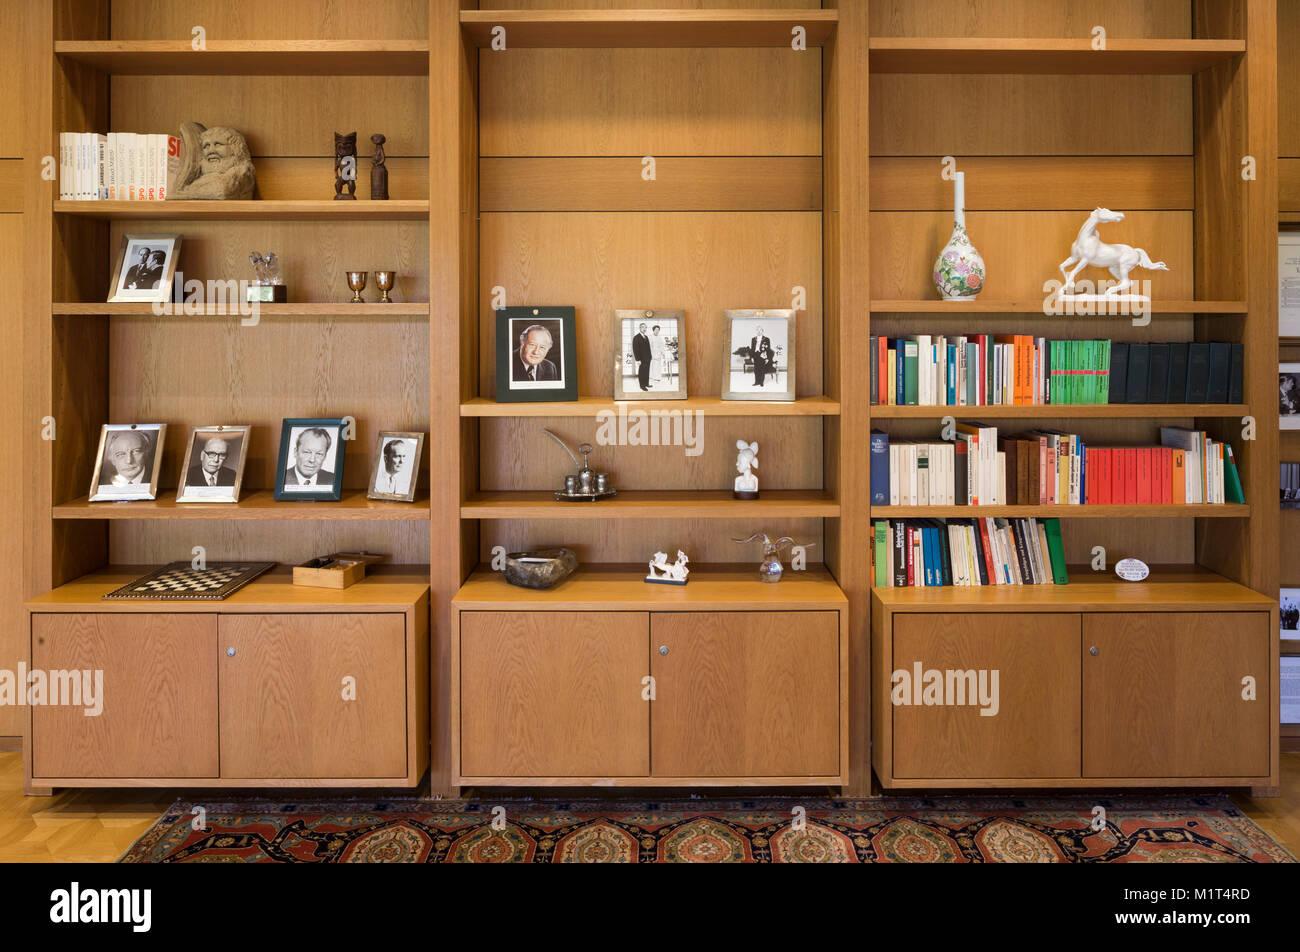 Büromöbel Stockfotos & Büromöbel Bilder - Alamy